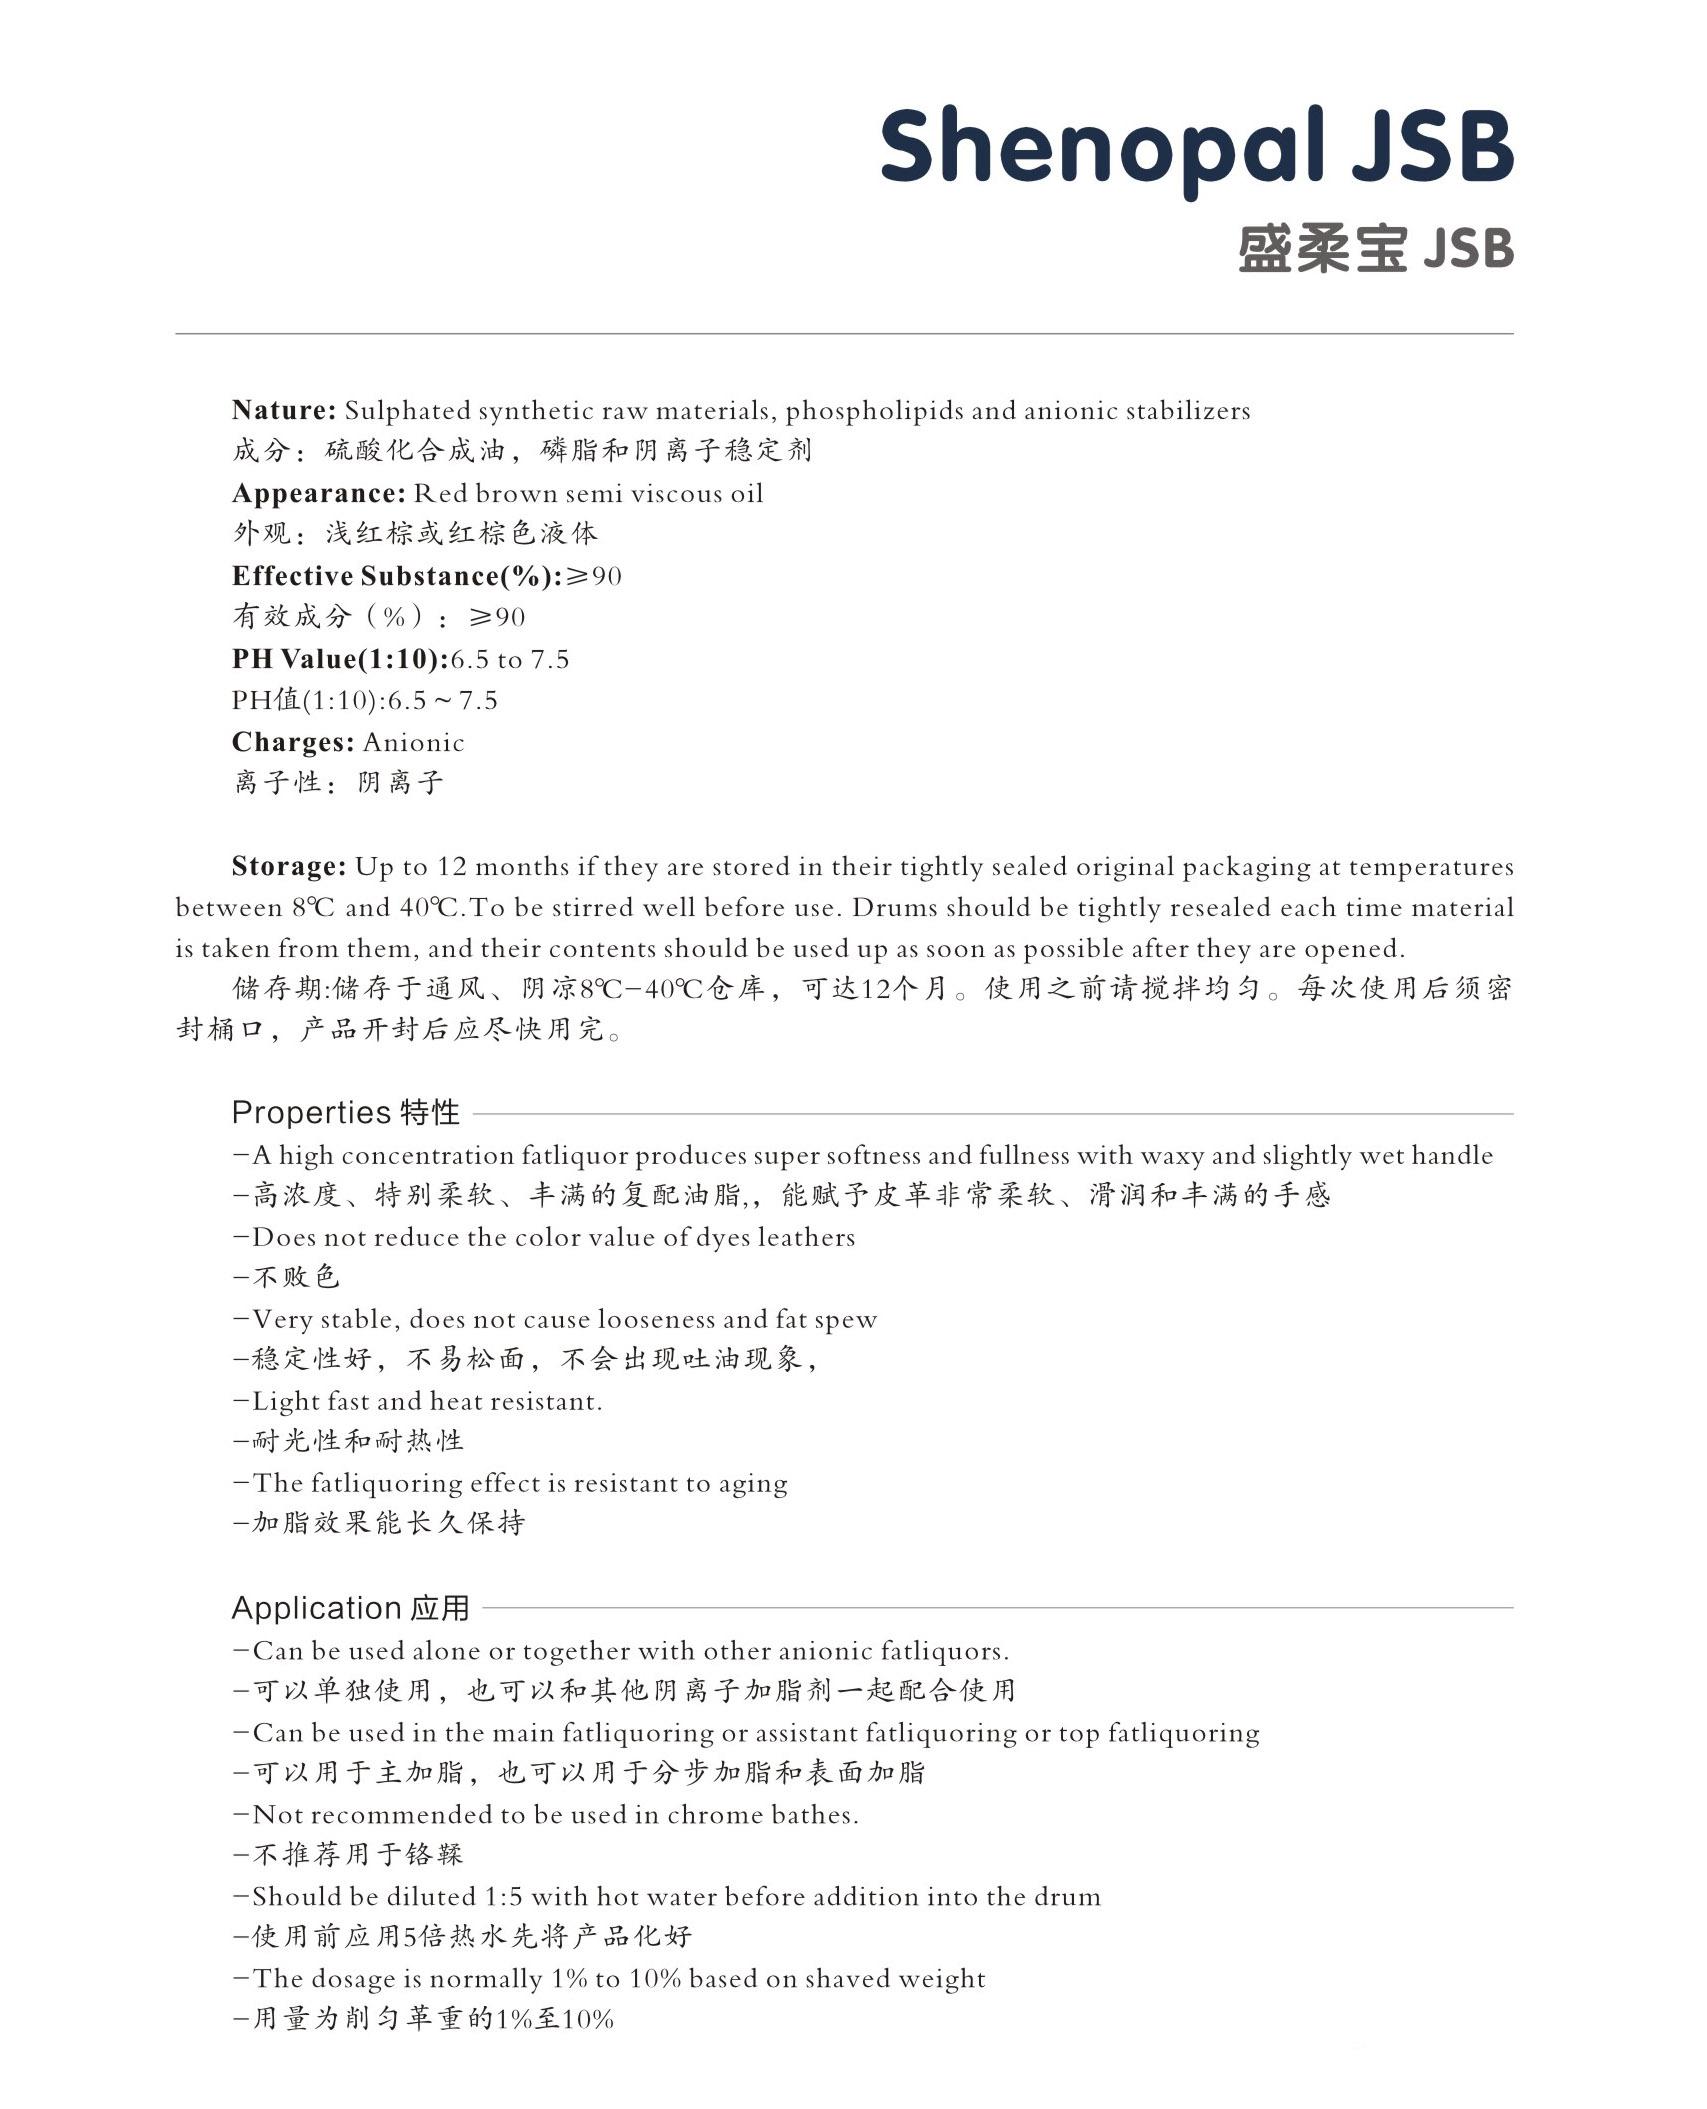 盛柔宝JSB.jpg